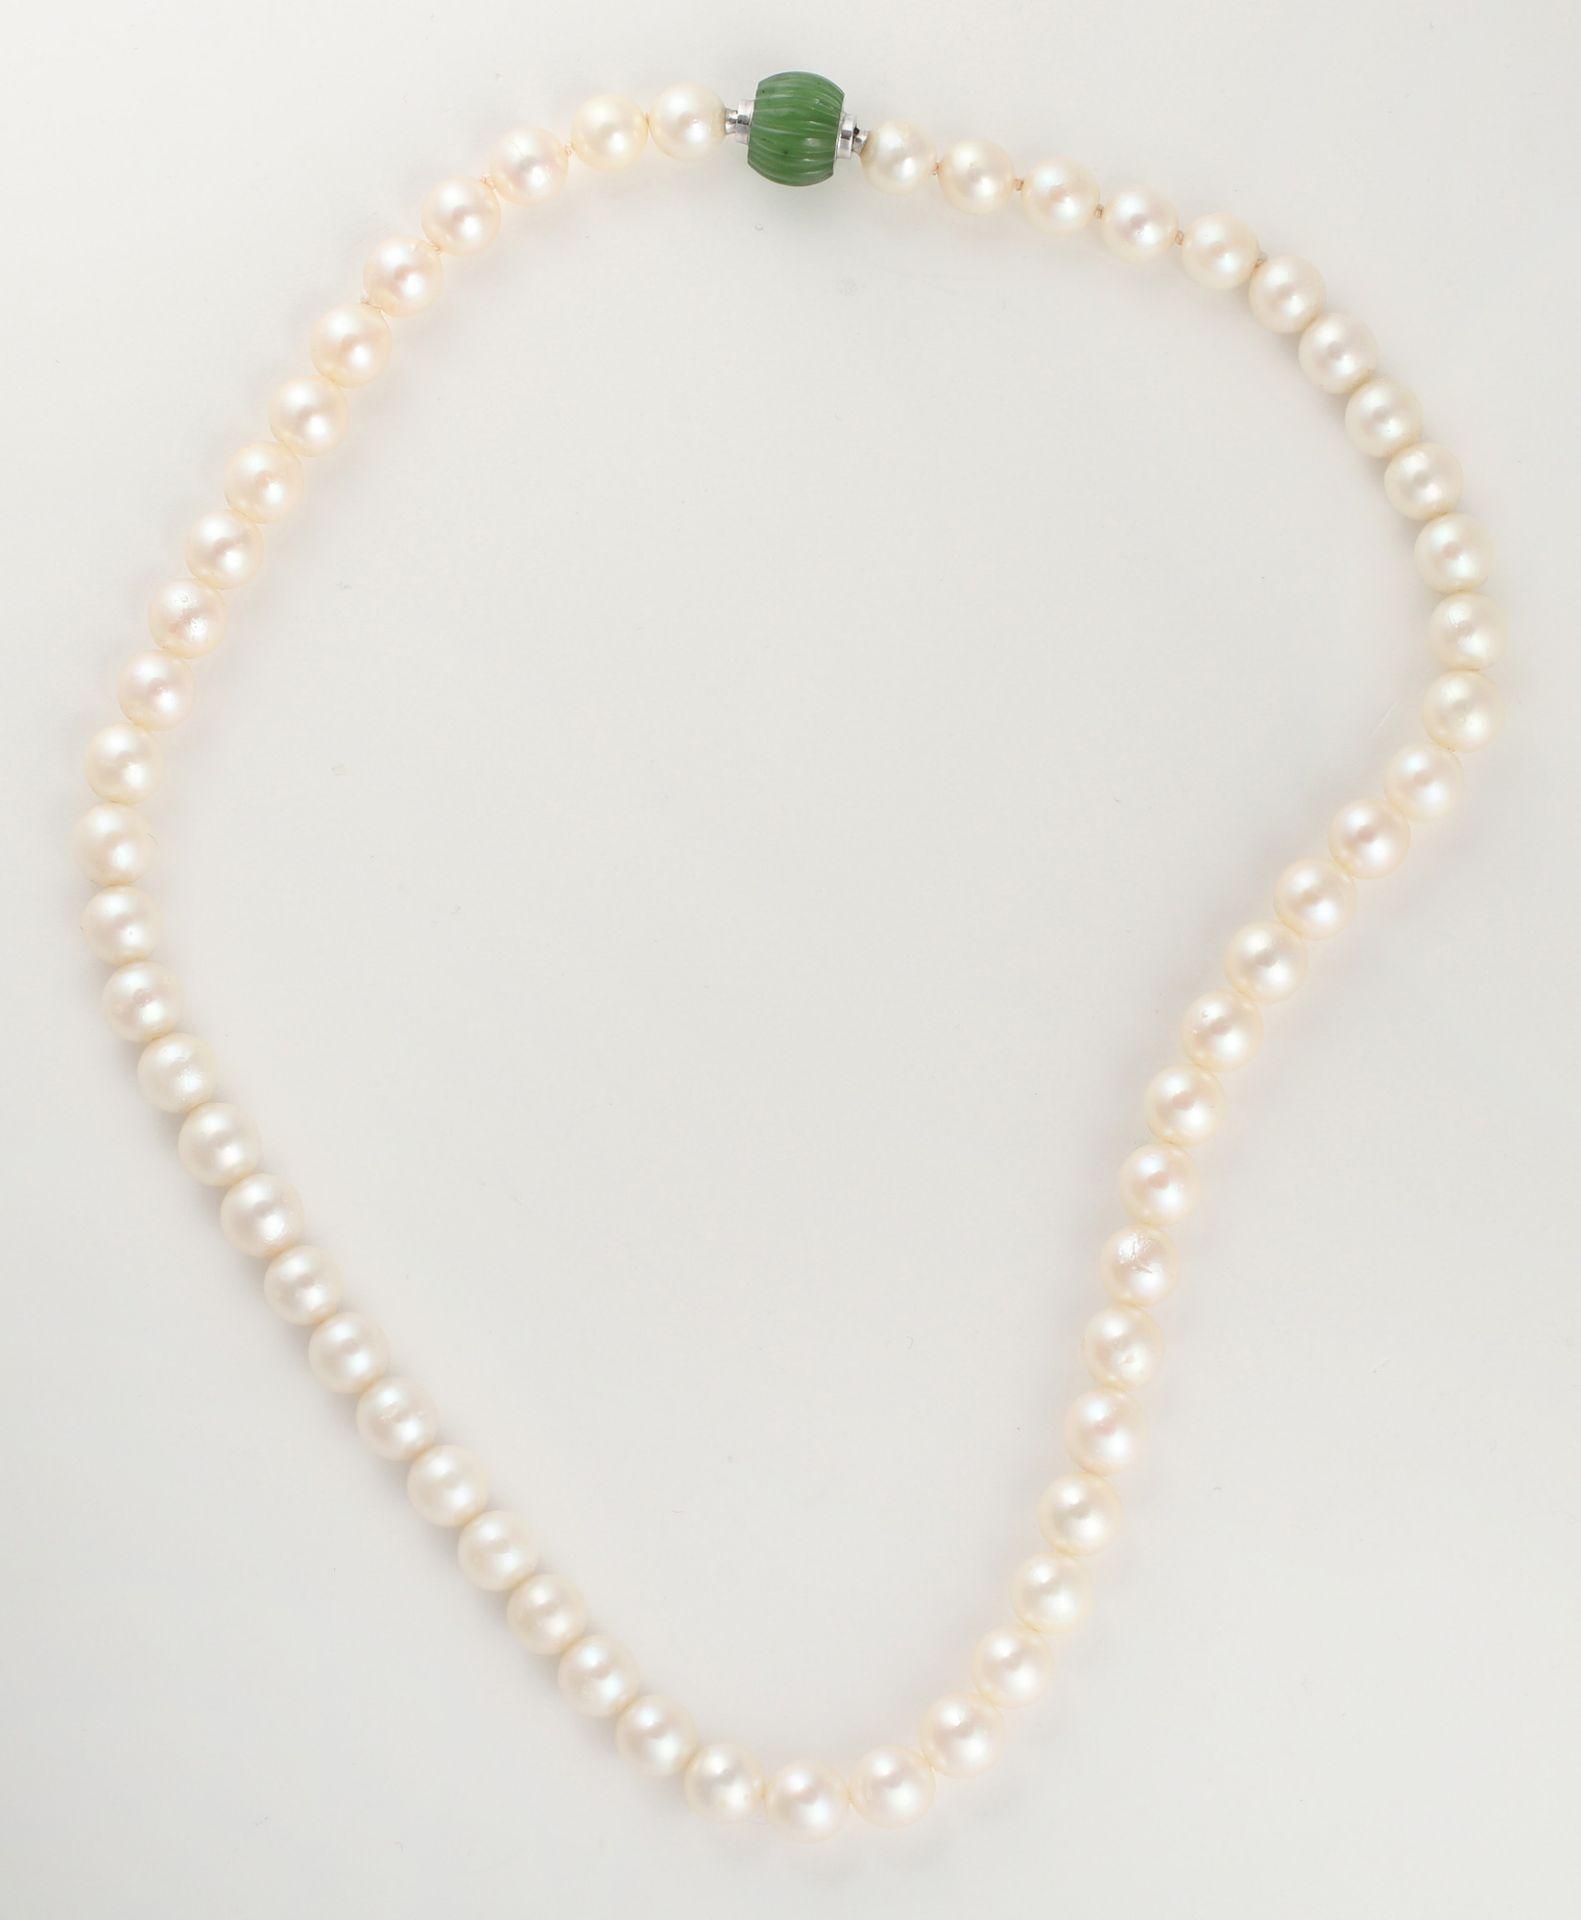 Zuchtperlcollier, aus 56 Perlen